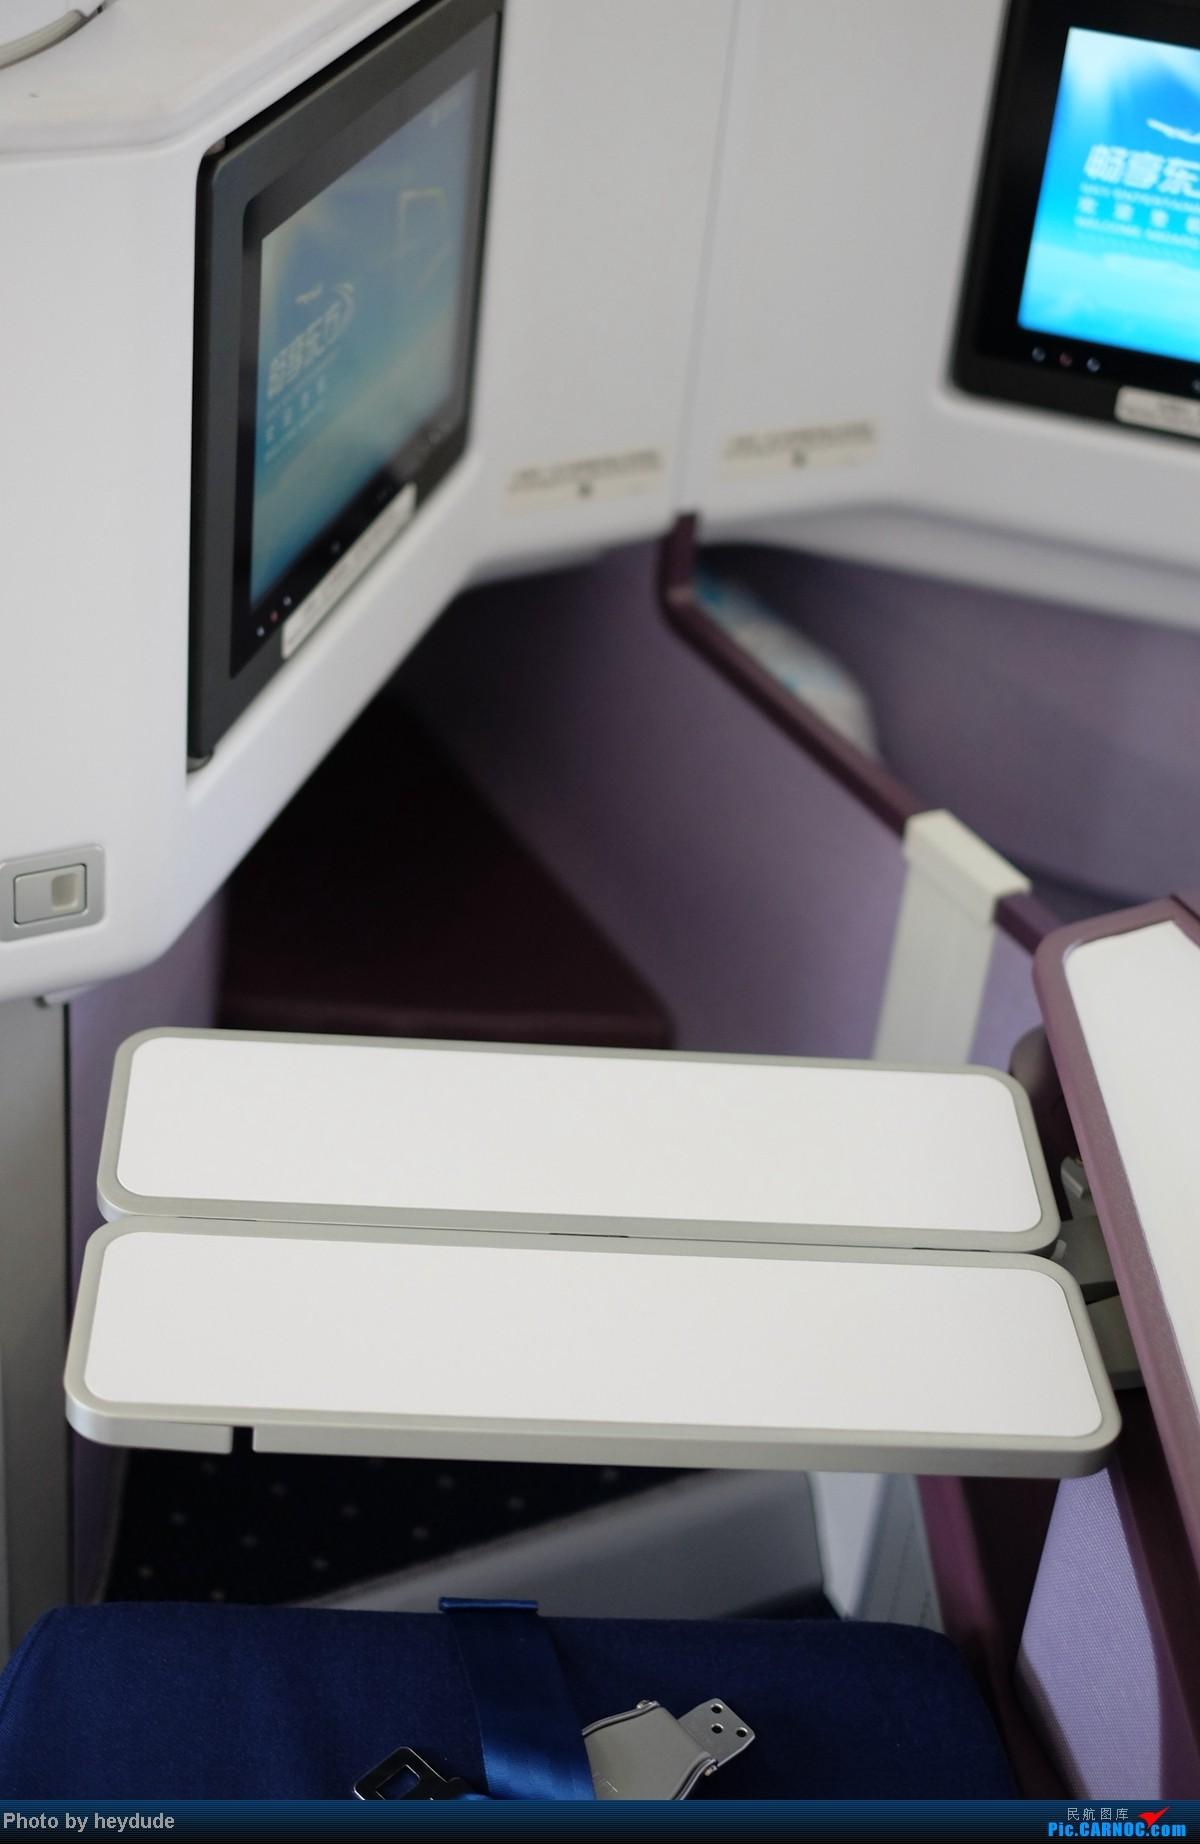 Re:[原创]大陆旗舰配置,东航顶配全新A33E清晰大图 AIRBUS A330-200